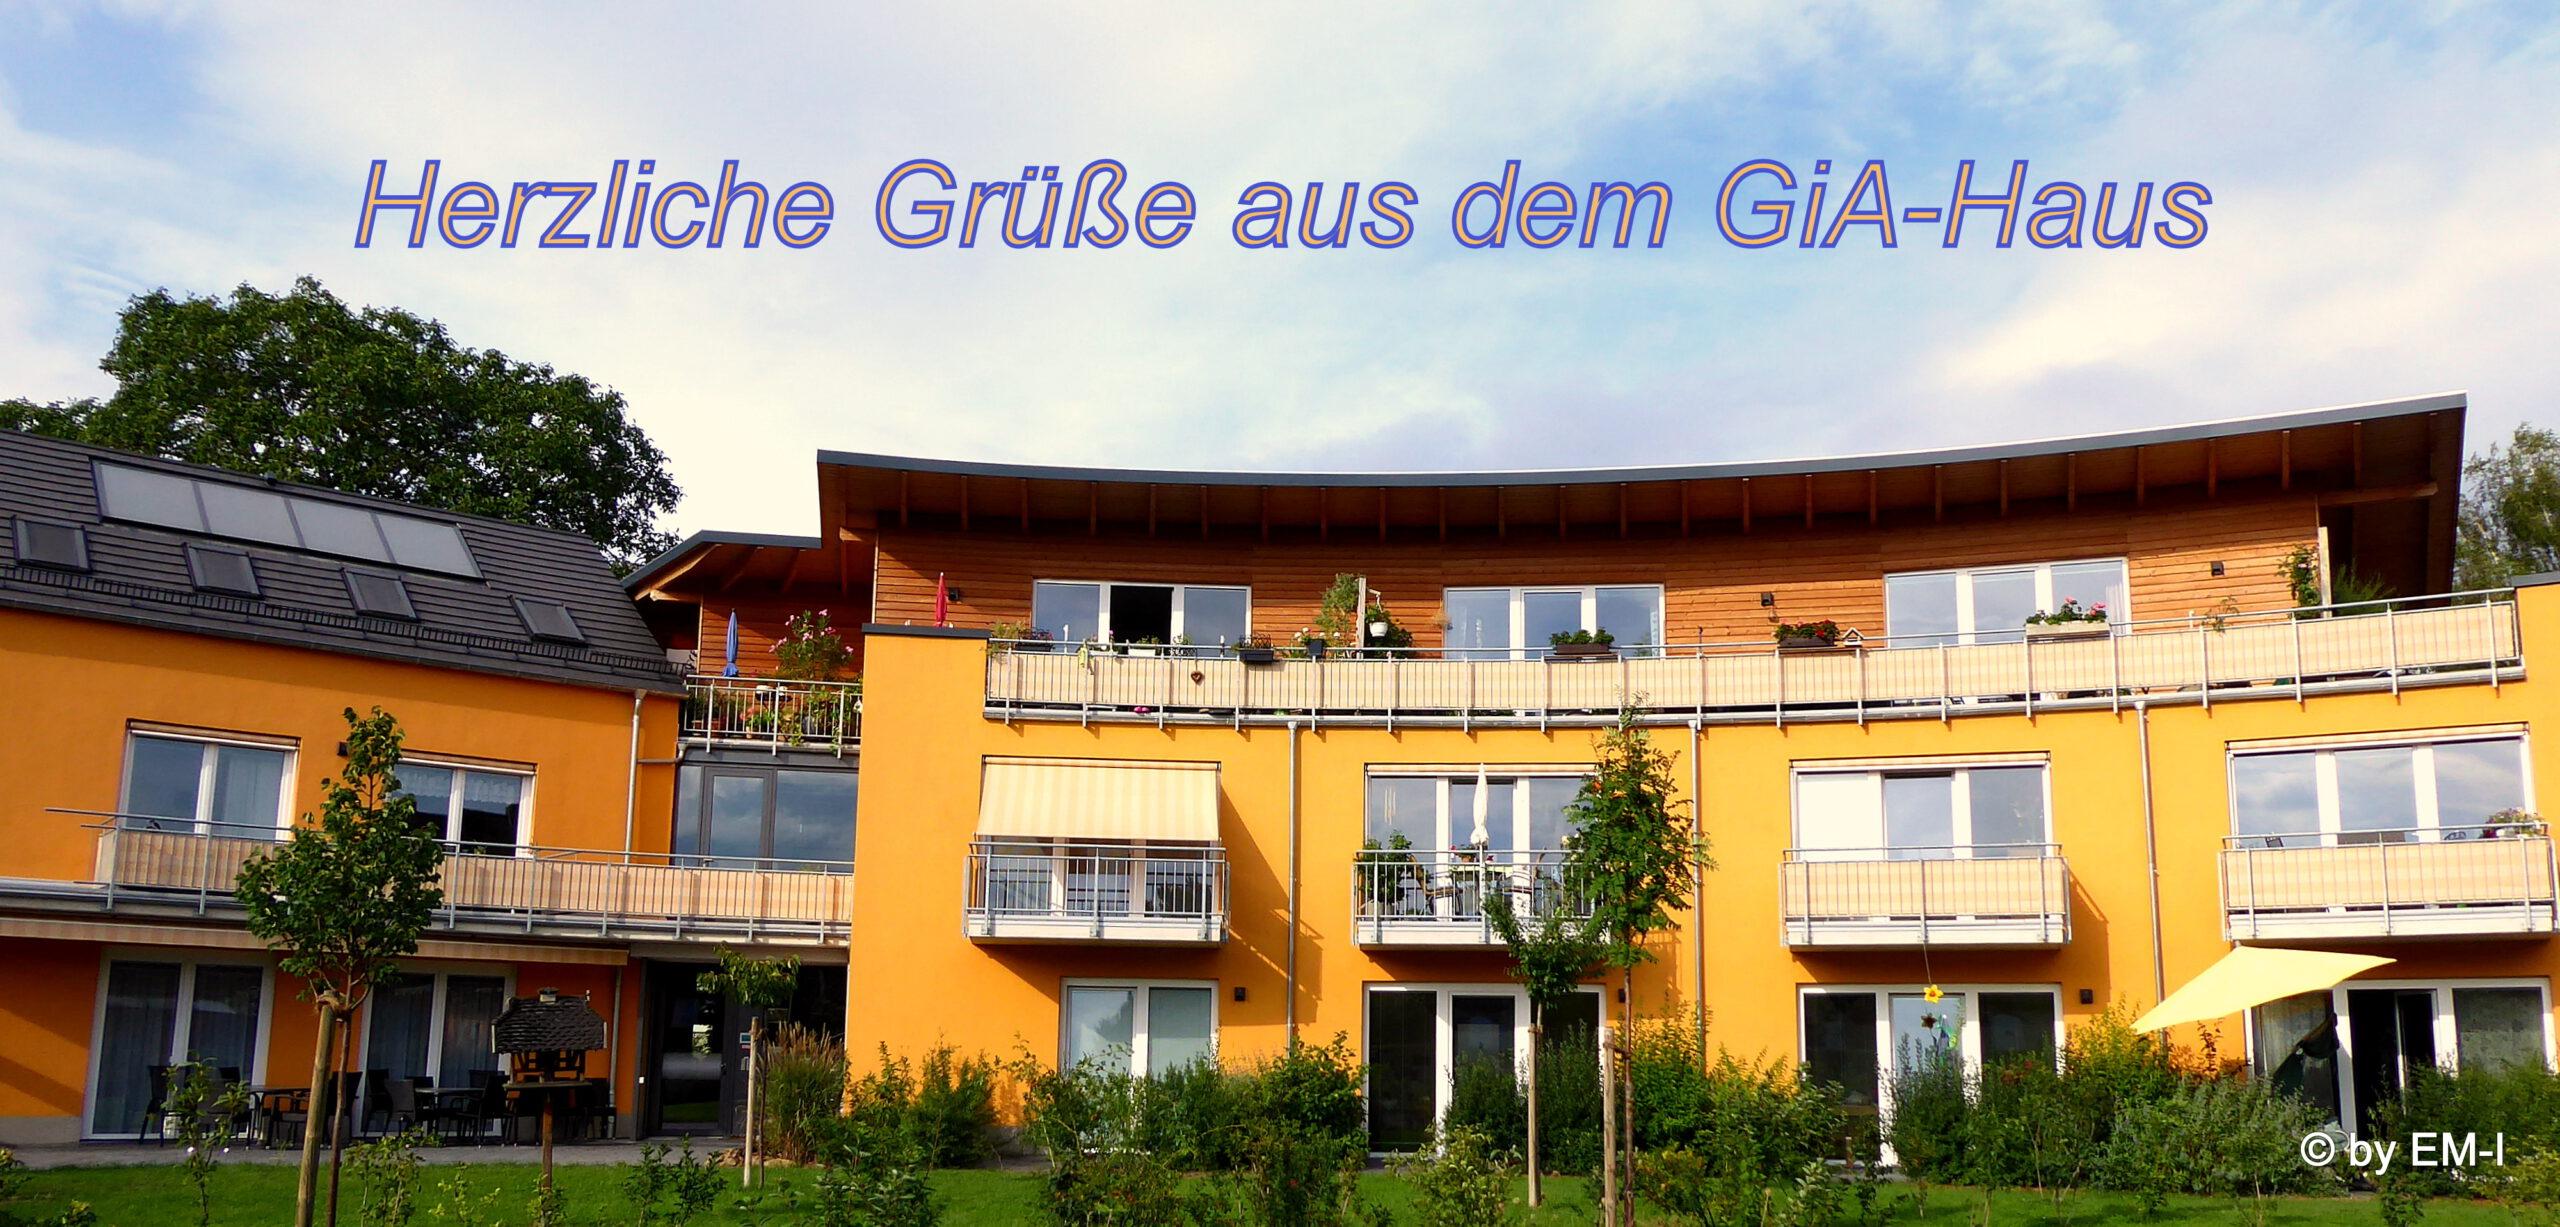 Grüse aus dem GiA Haus